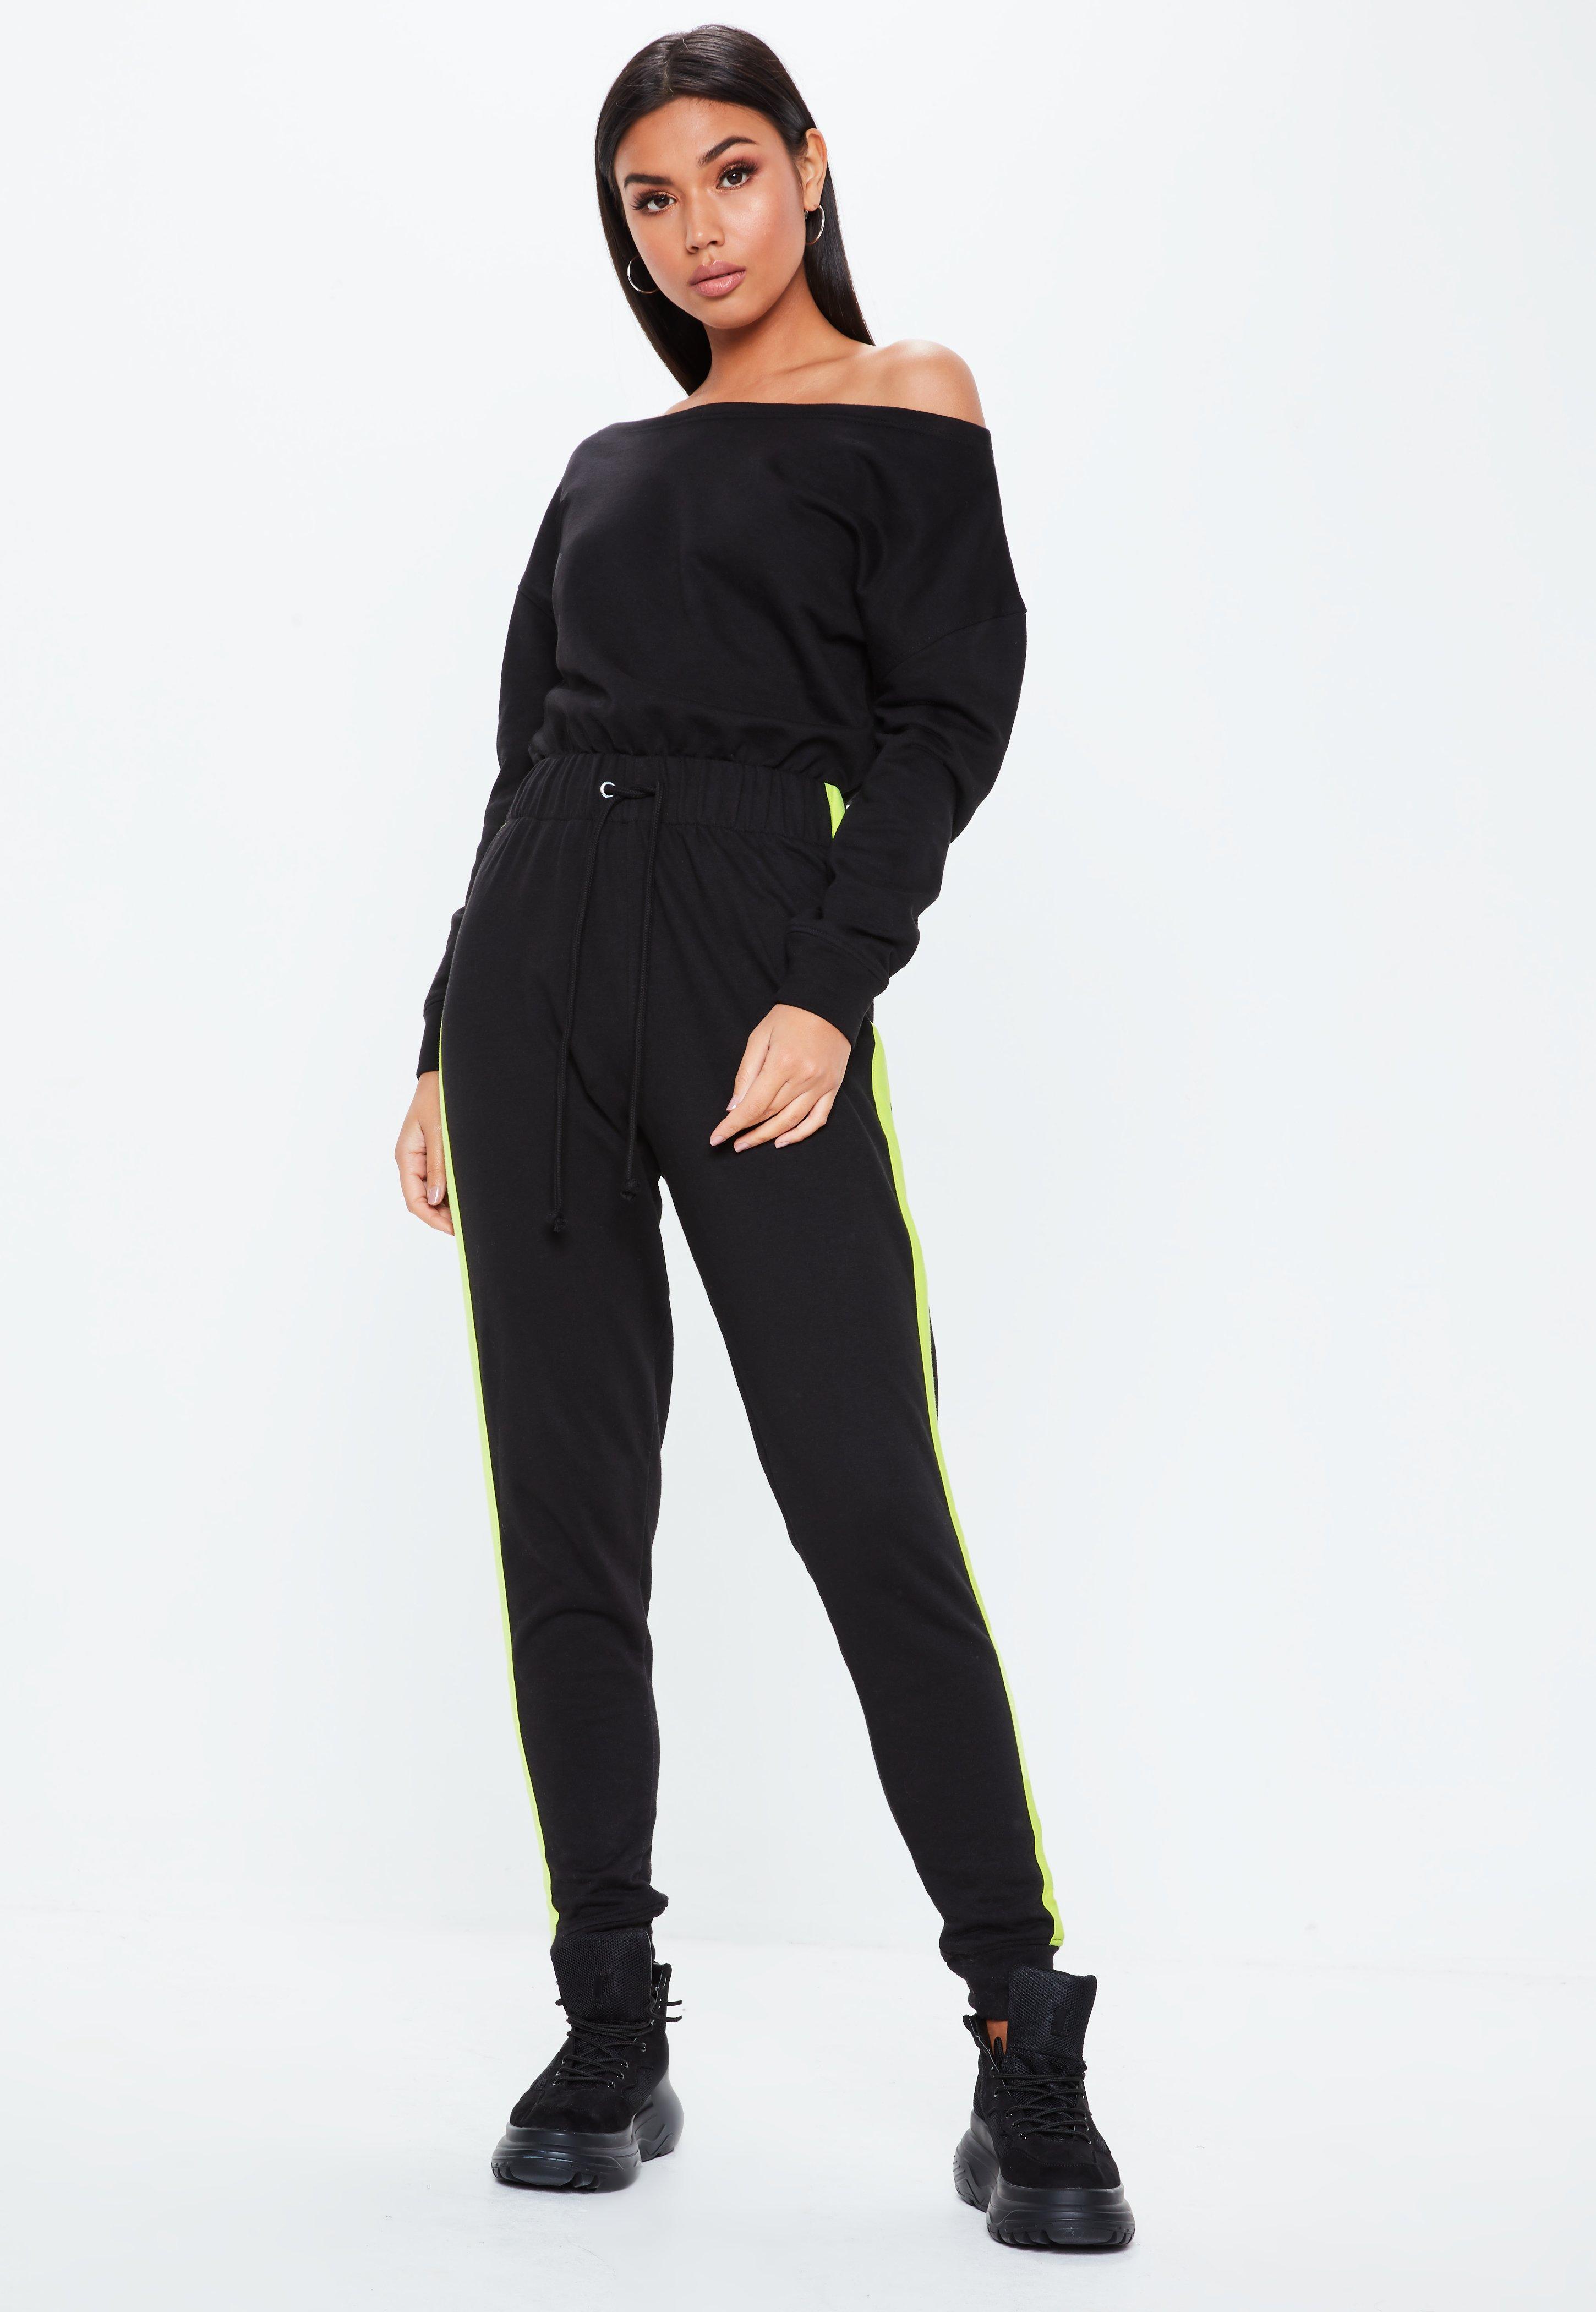 64985a3c5e6 Black Jumpsuits